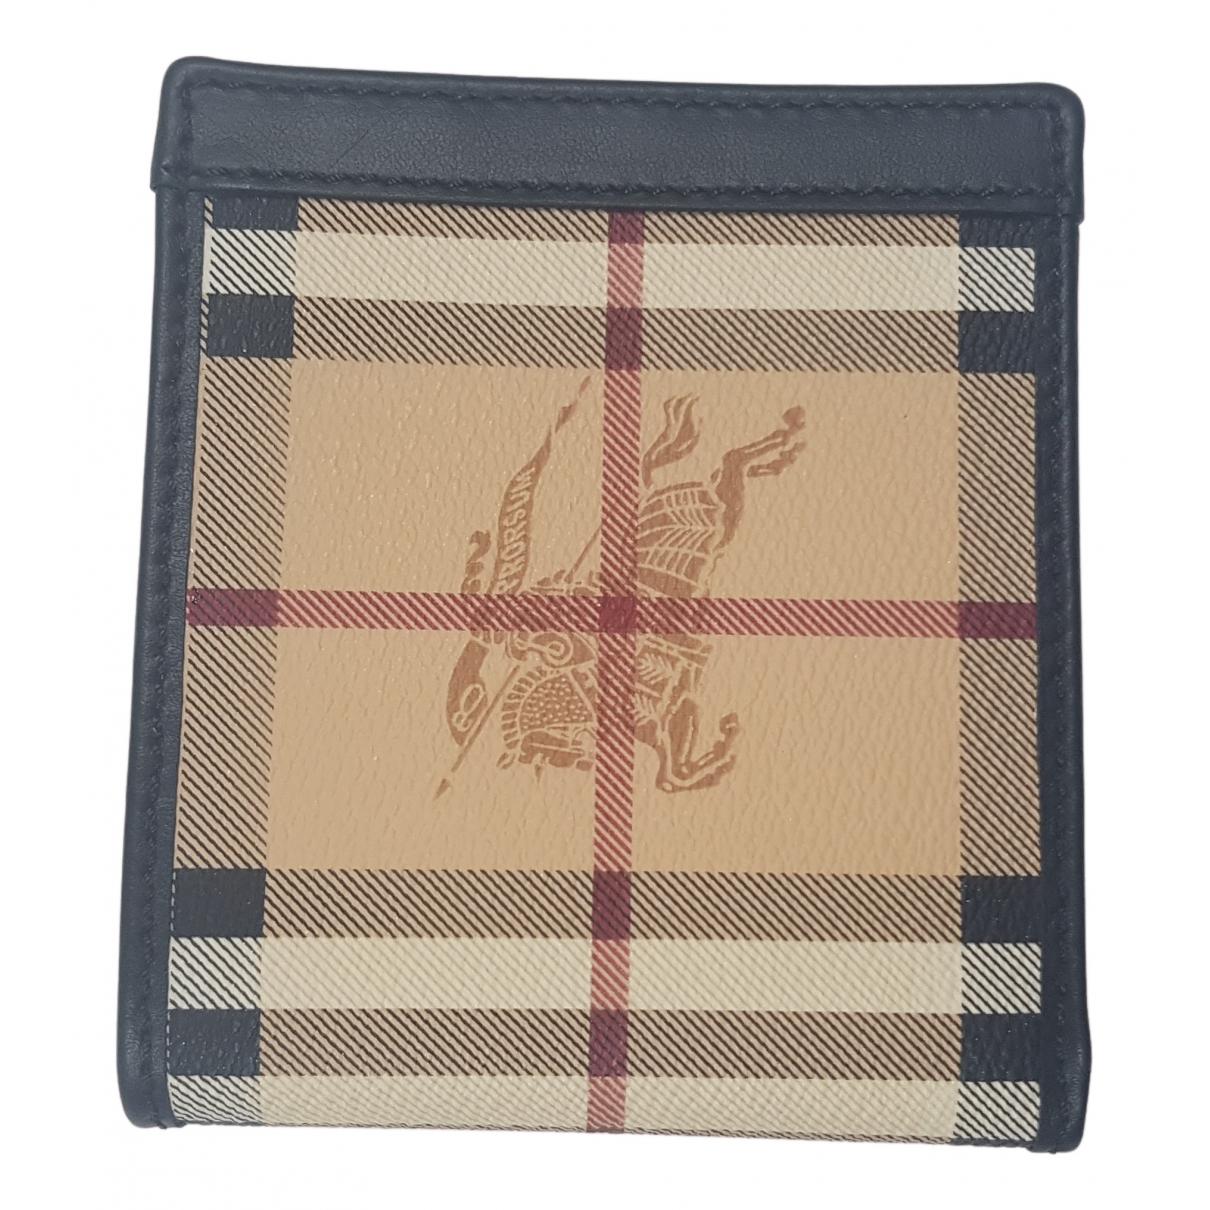 Burberry - Petite maroquinerie   pour homme en cuir - beige